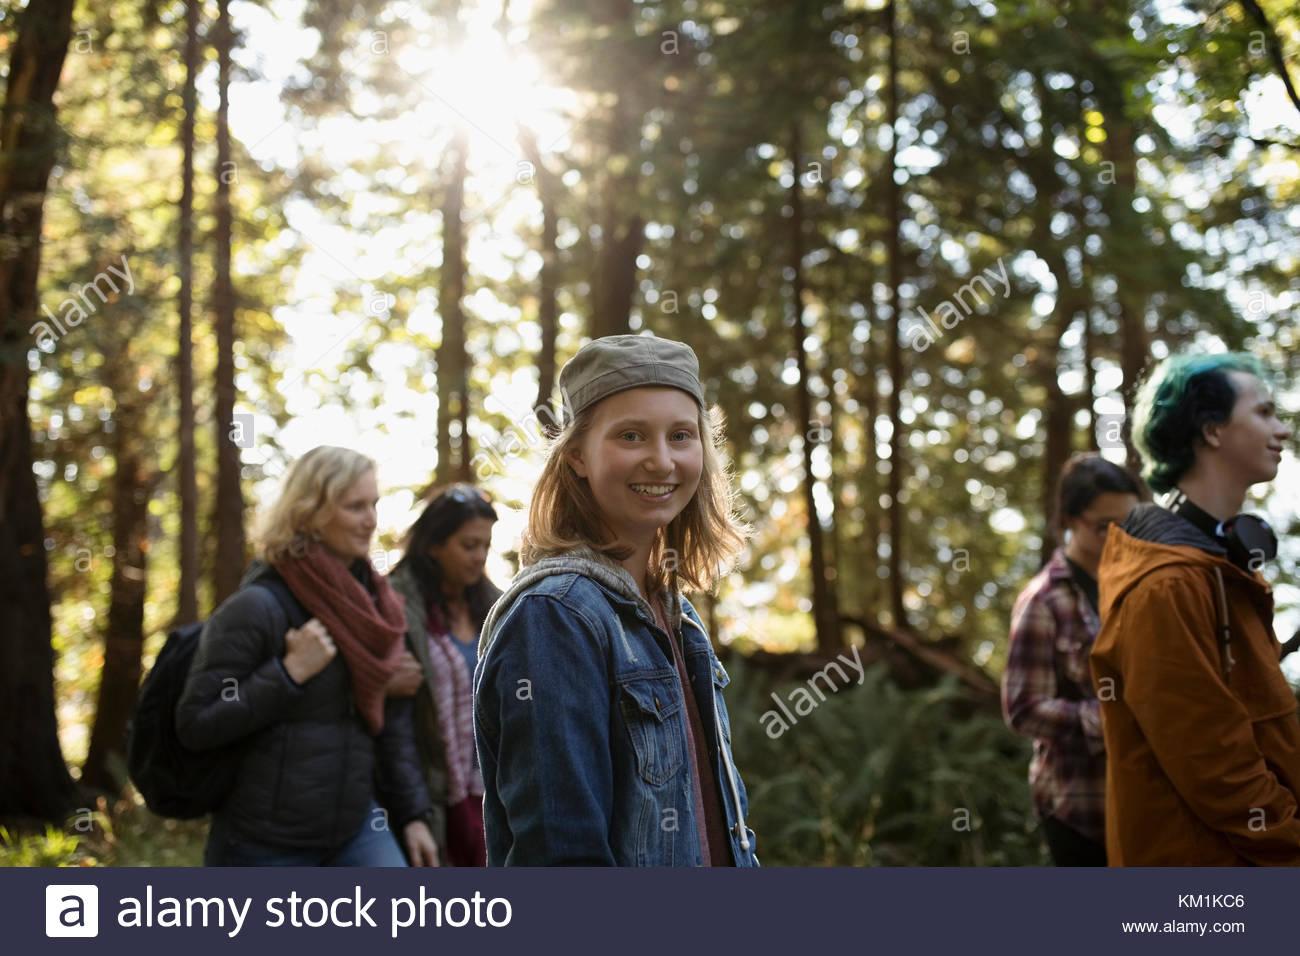 Retrato chica sonriente caminatas en los bosques con la familia Imagen De Stock